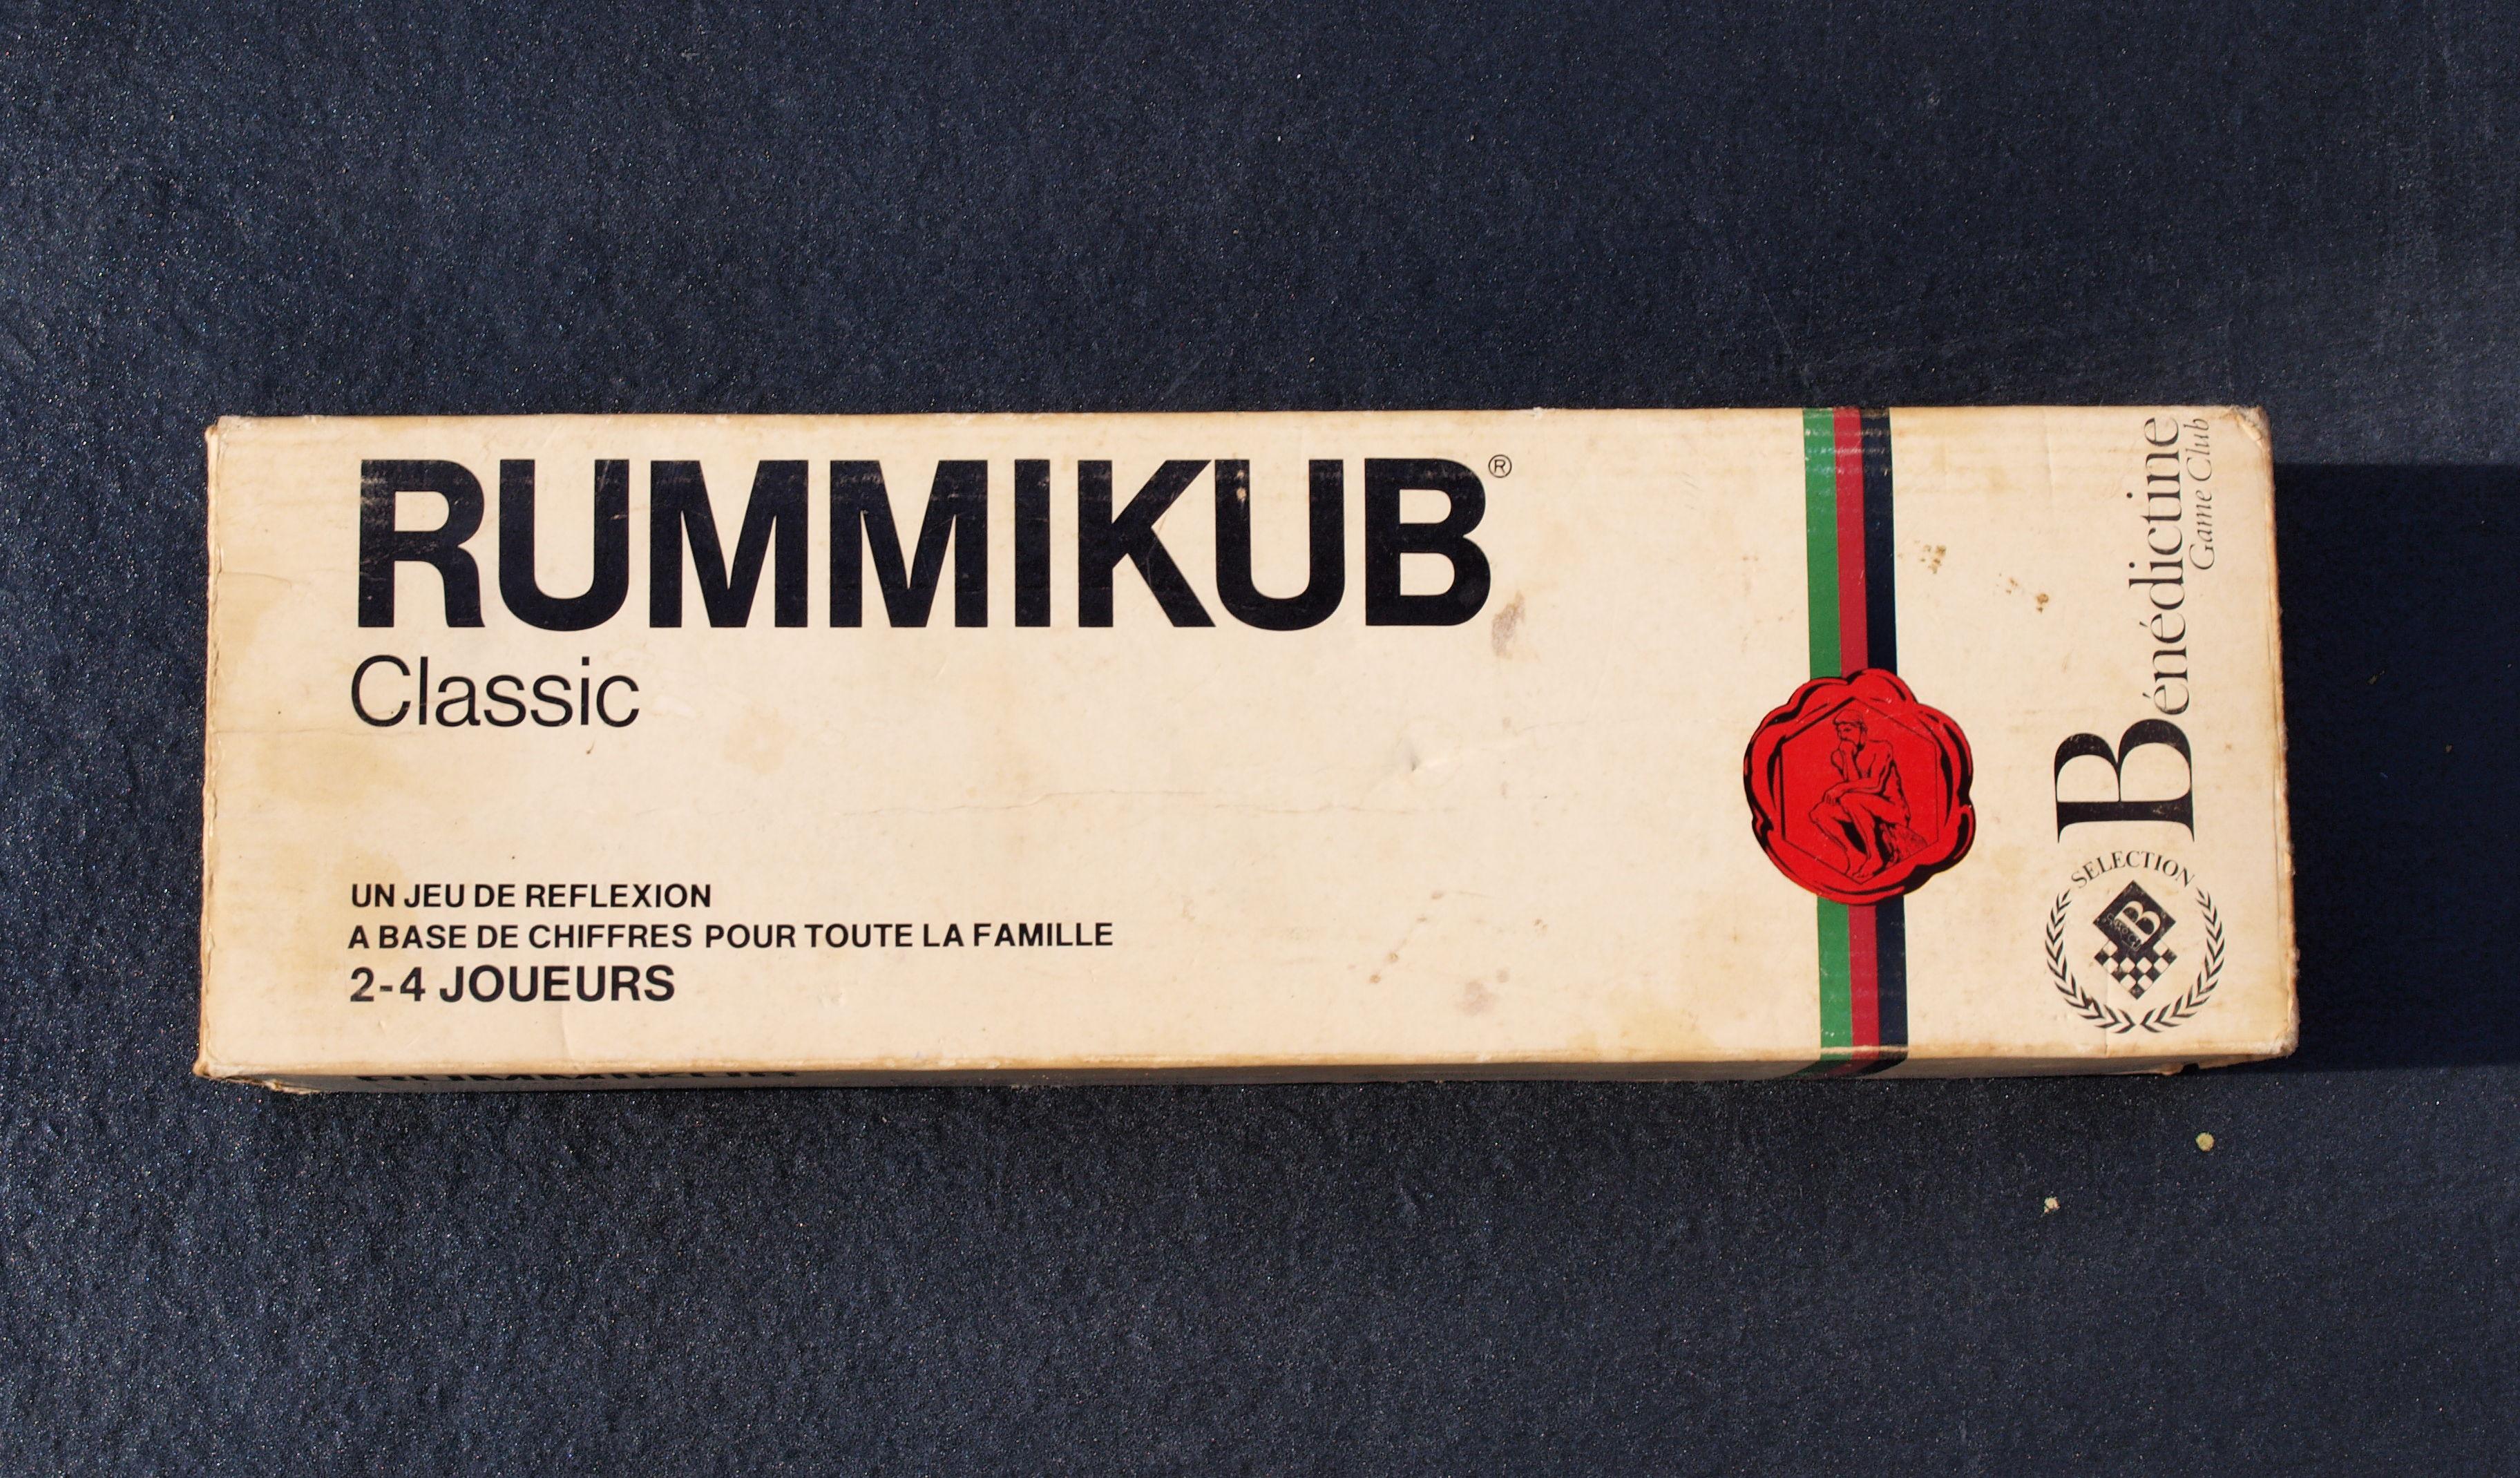 rummikub en francais